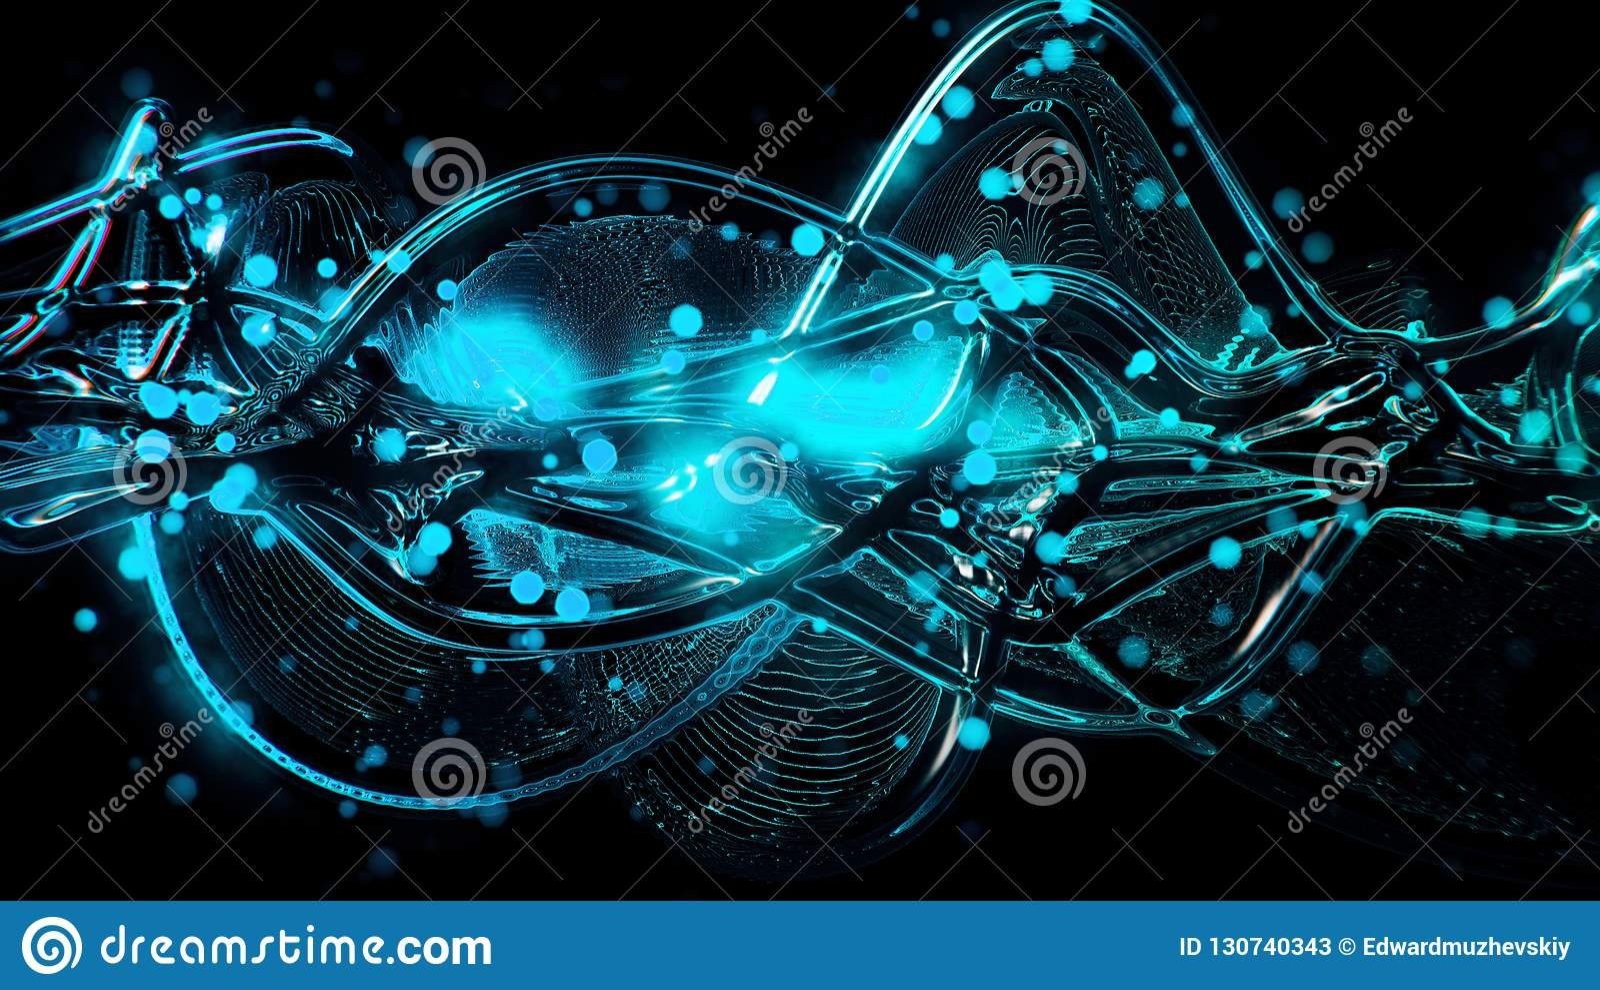 Abstracte futuristische heldere blauwe en cyaan gesmolten glasgolven en rimpeling